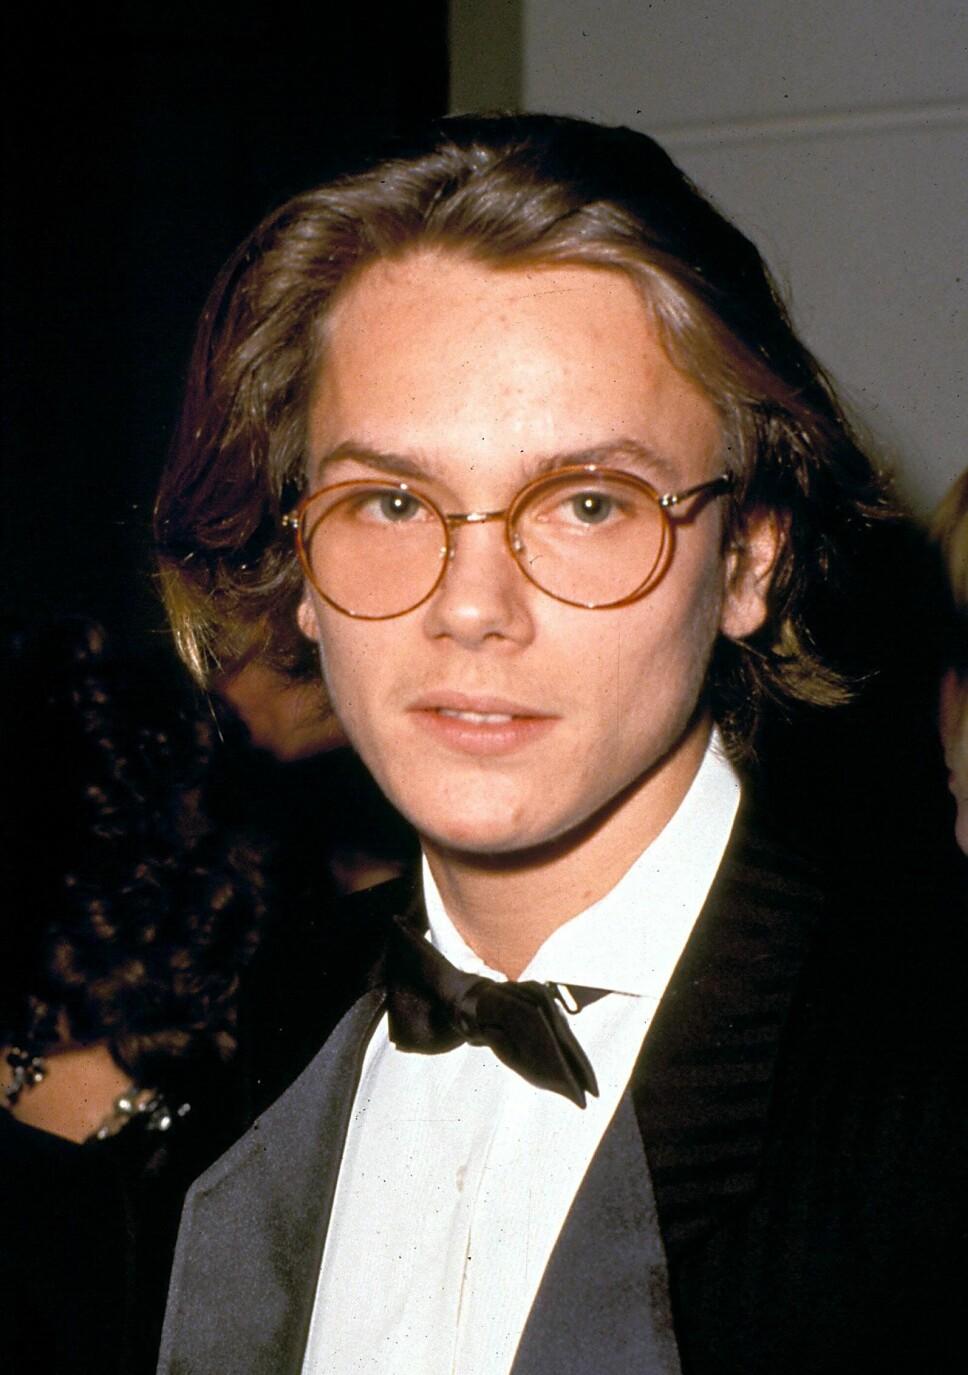 SPÅDD EN LYSENDE KARRIERE: River Phoenix døde bare 23 år gammel, av en overdose. Den unge skuespilleren var spådd en stor karriere innenfor filmindustrien.